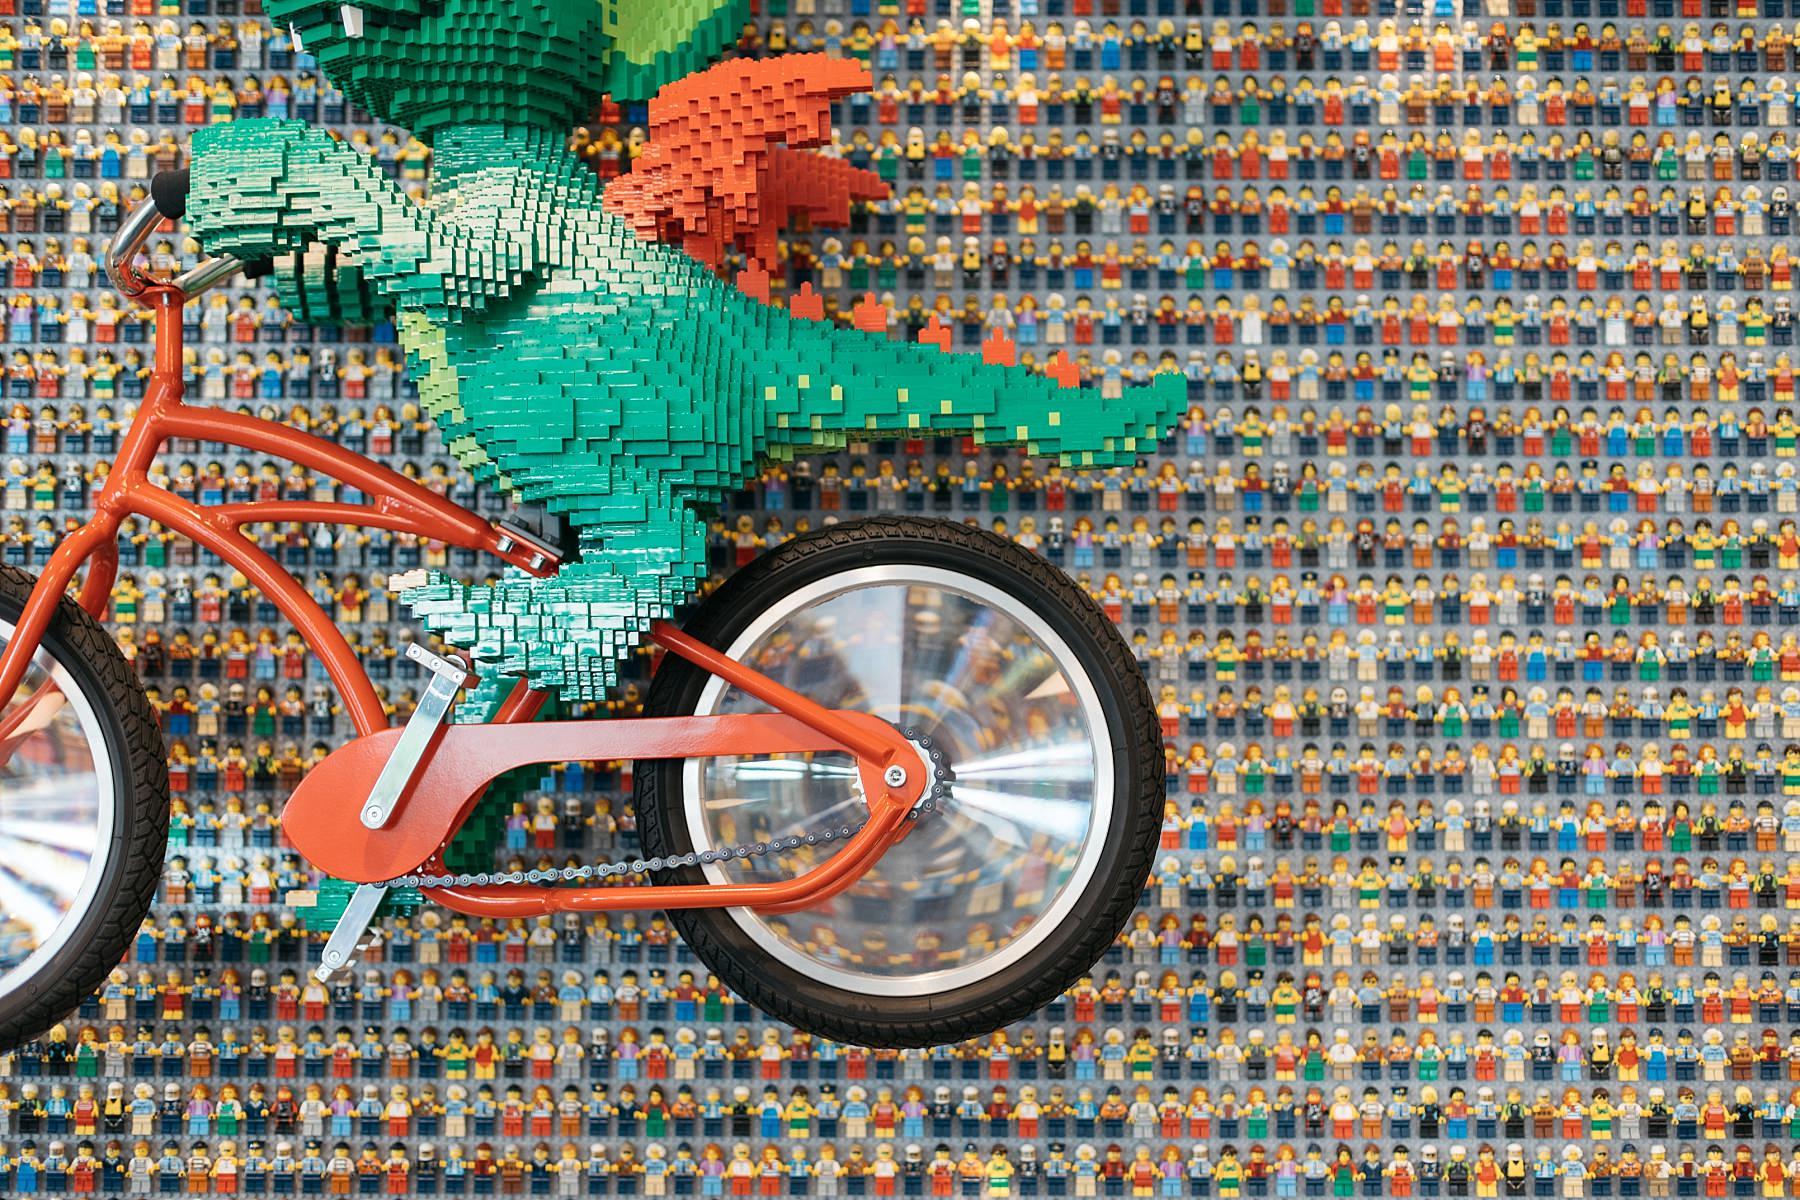 Legoland - 57 millions de briques Lego 4